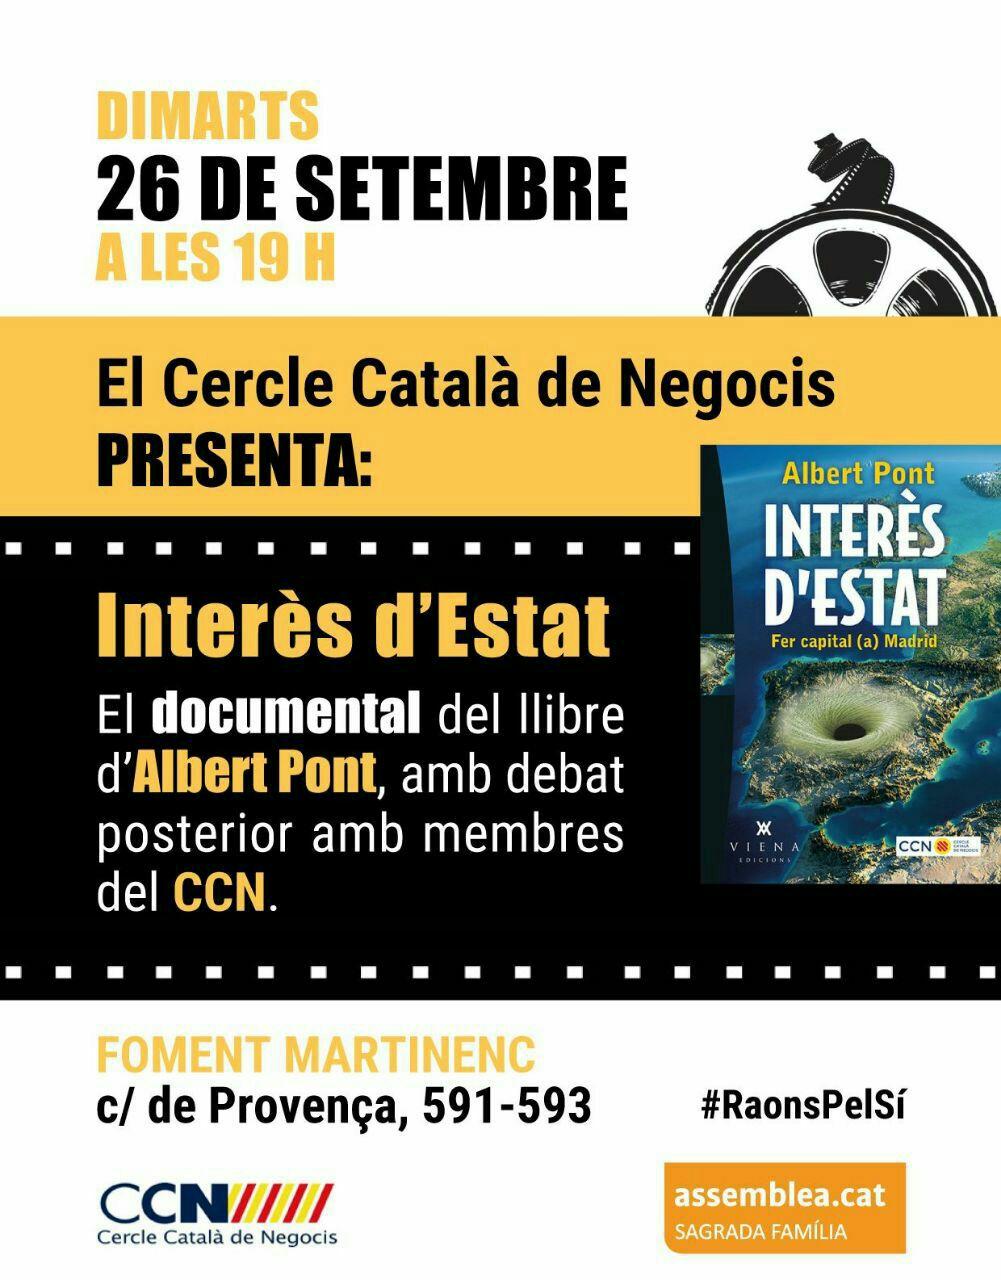 El CCN presenta el documental «Interès d'Estat» amb debat posterior, 26 de setembre. T'hi esperem!